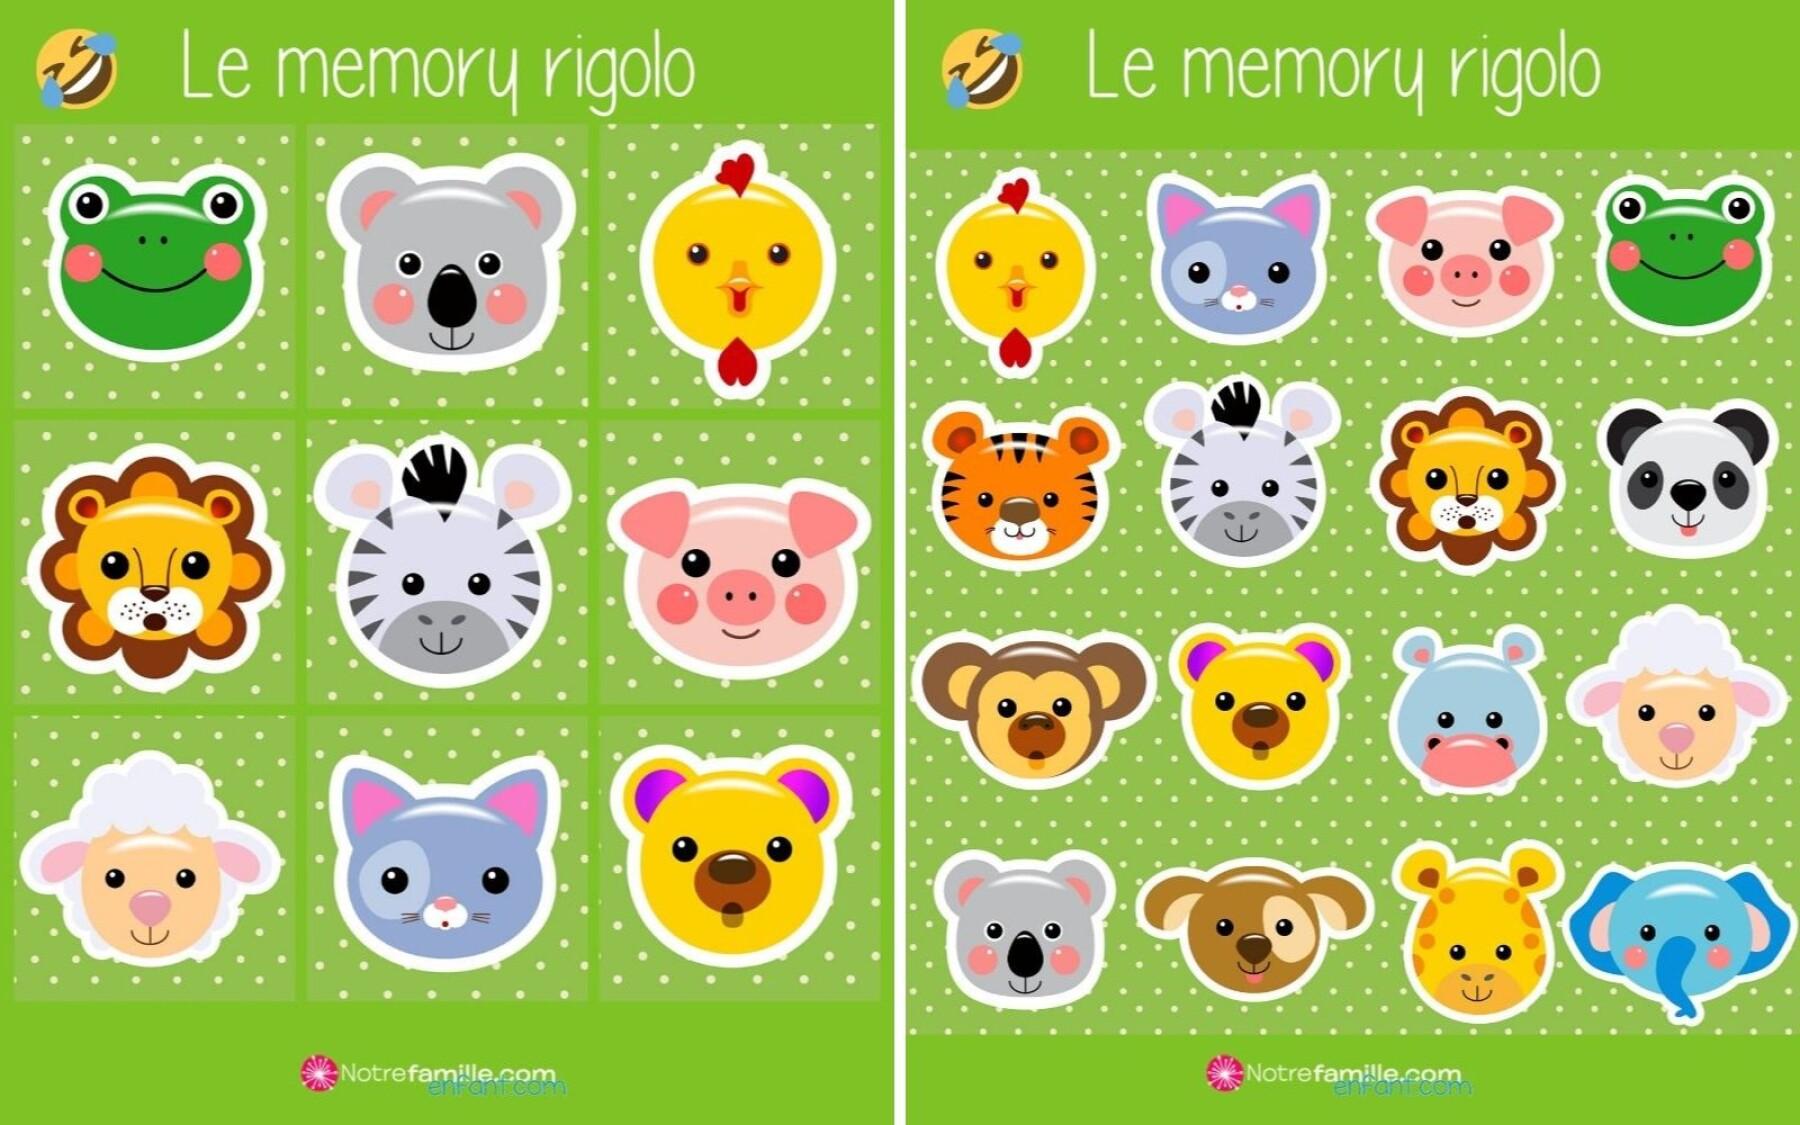 Memory rigolo